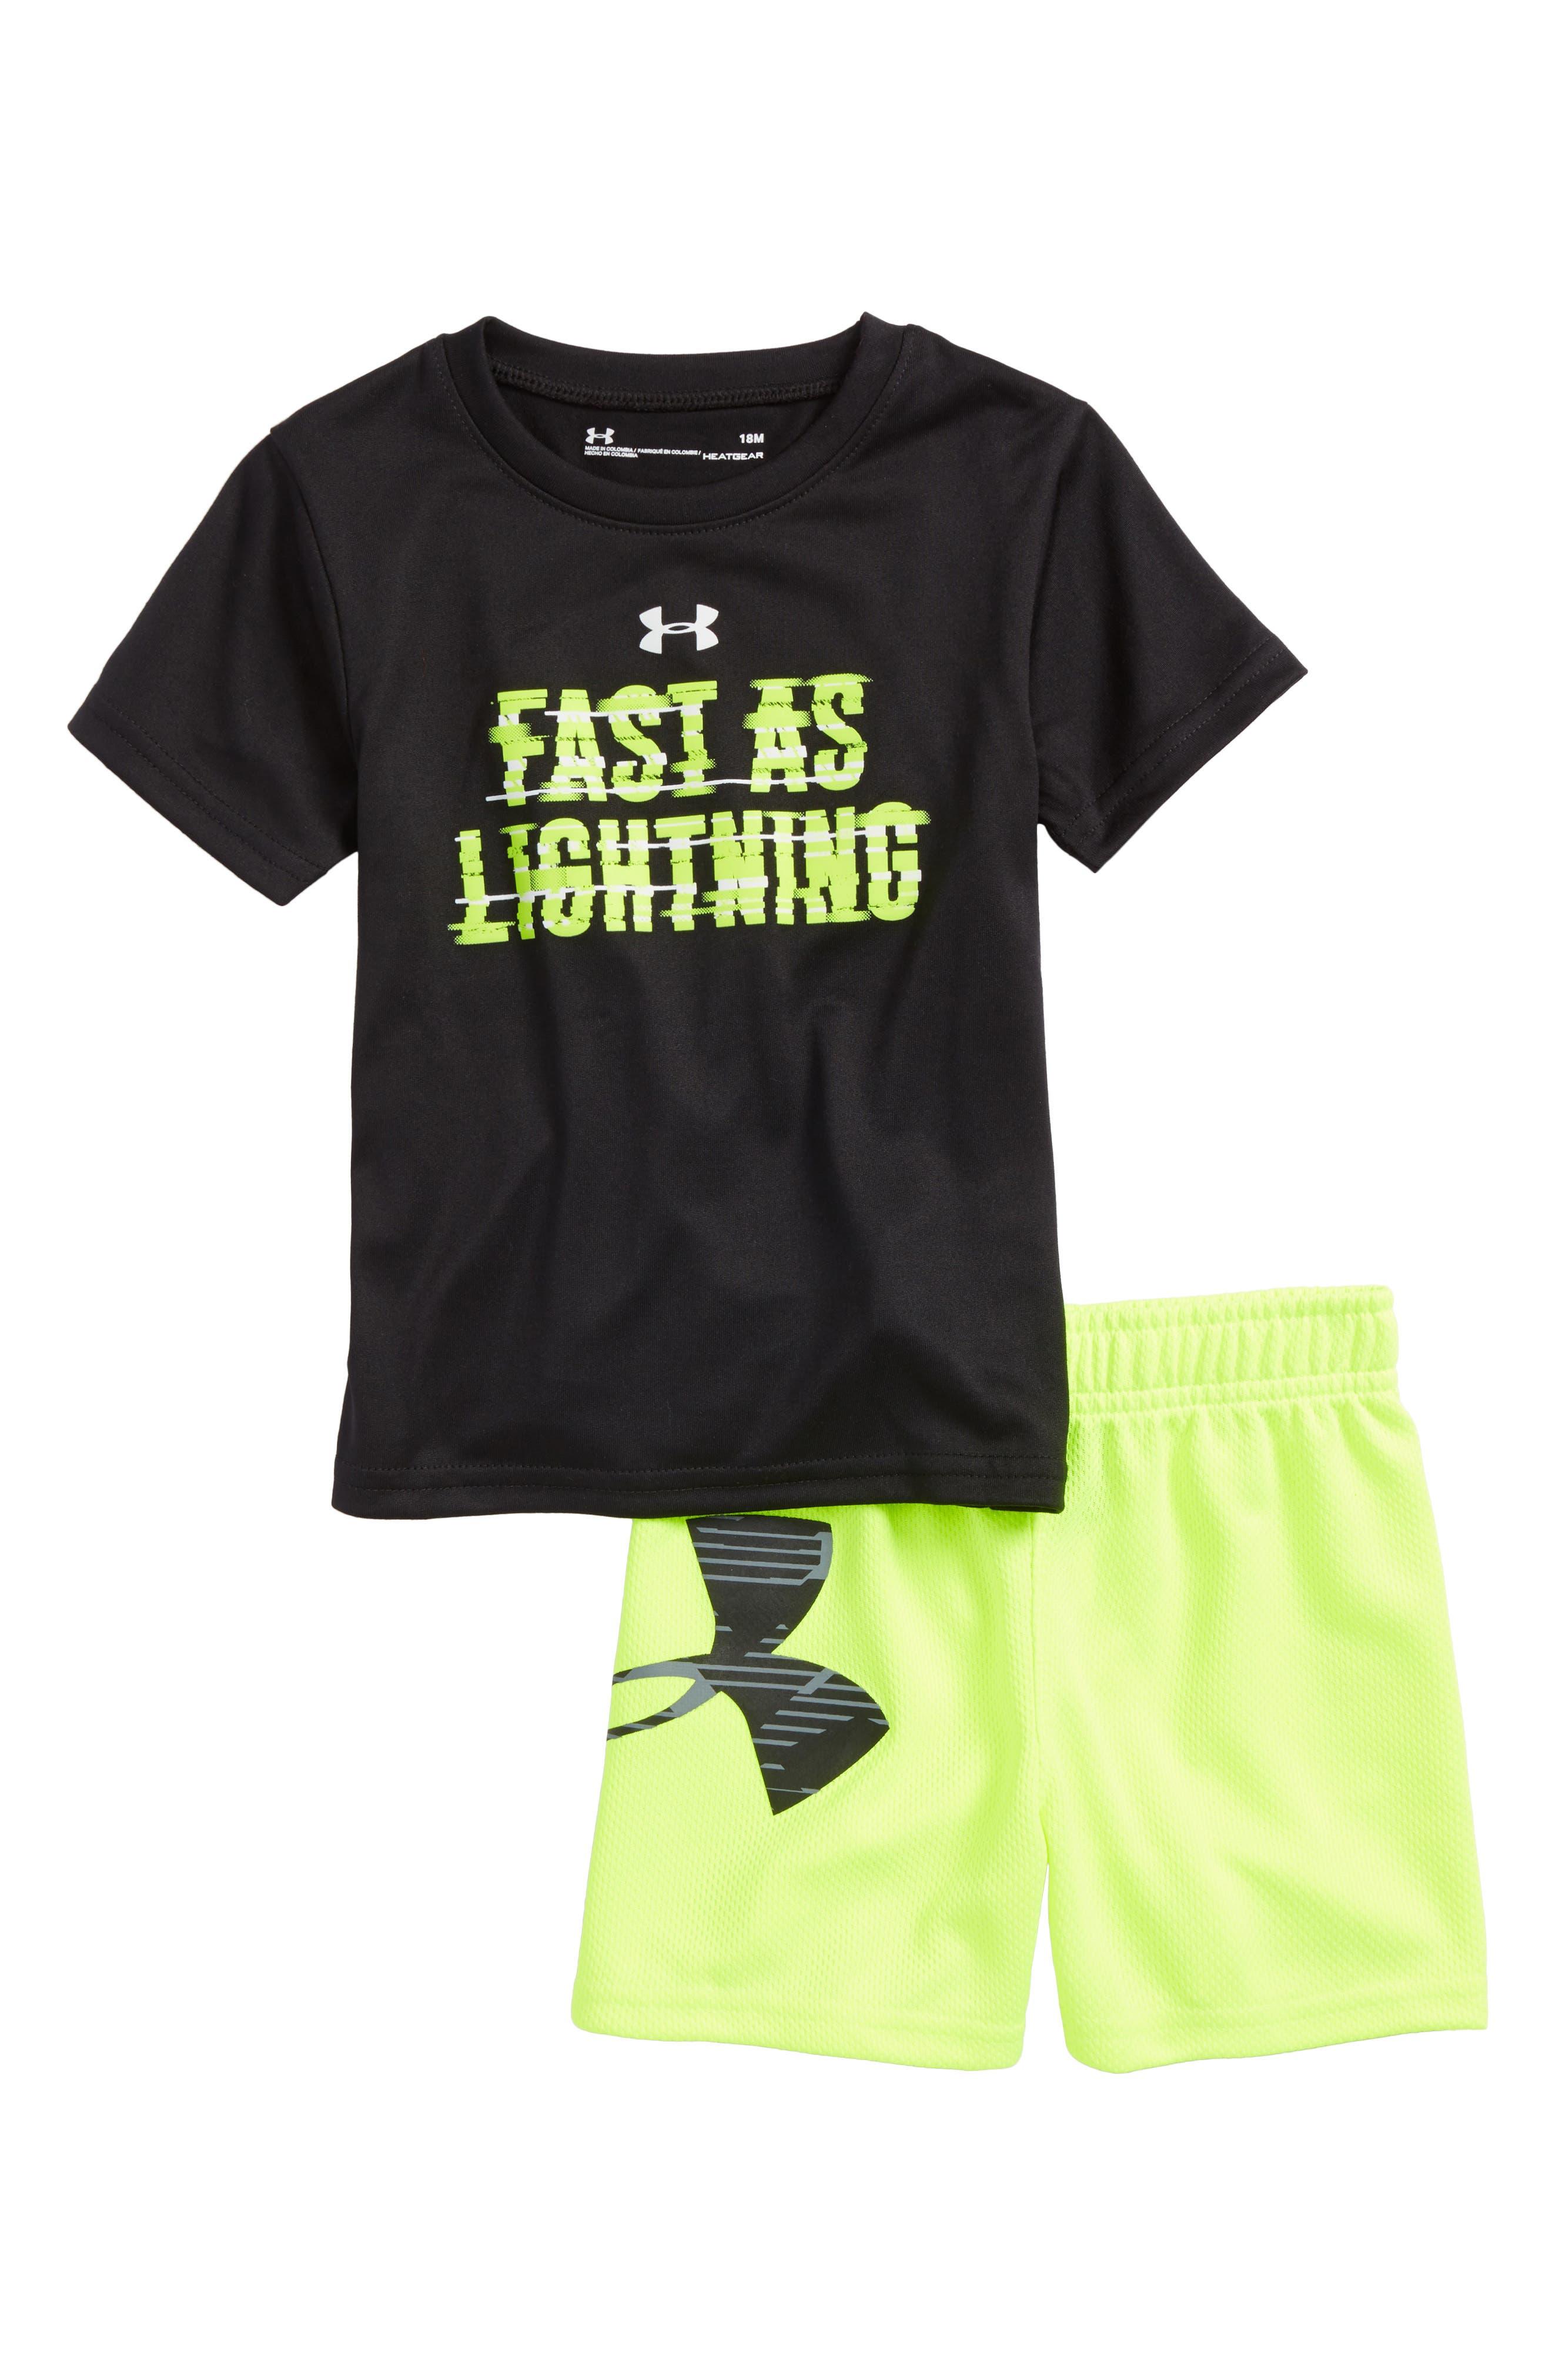 Fast As Lightning Shirt & Shorts Set,                             Main thumbnail 1, color,                             001